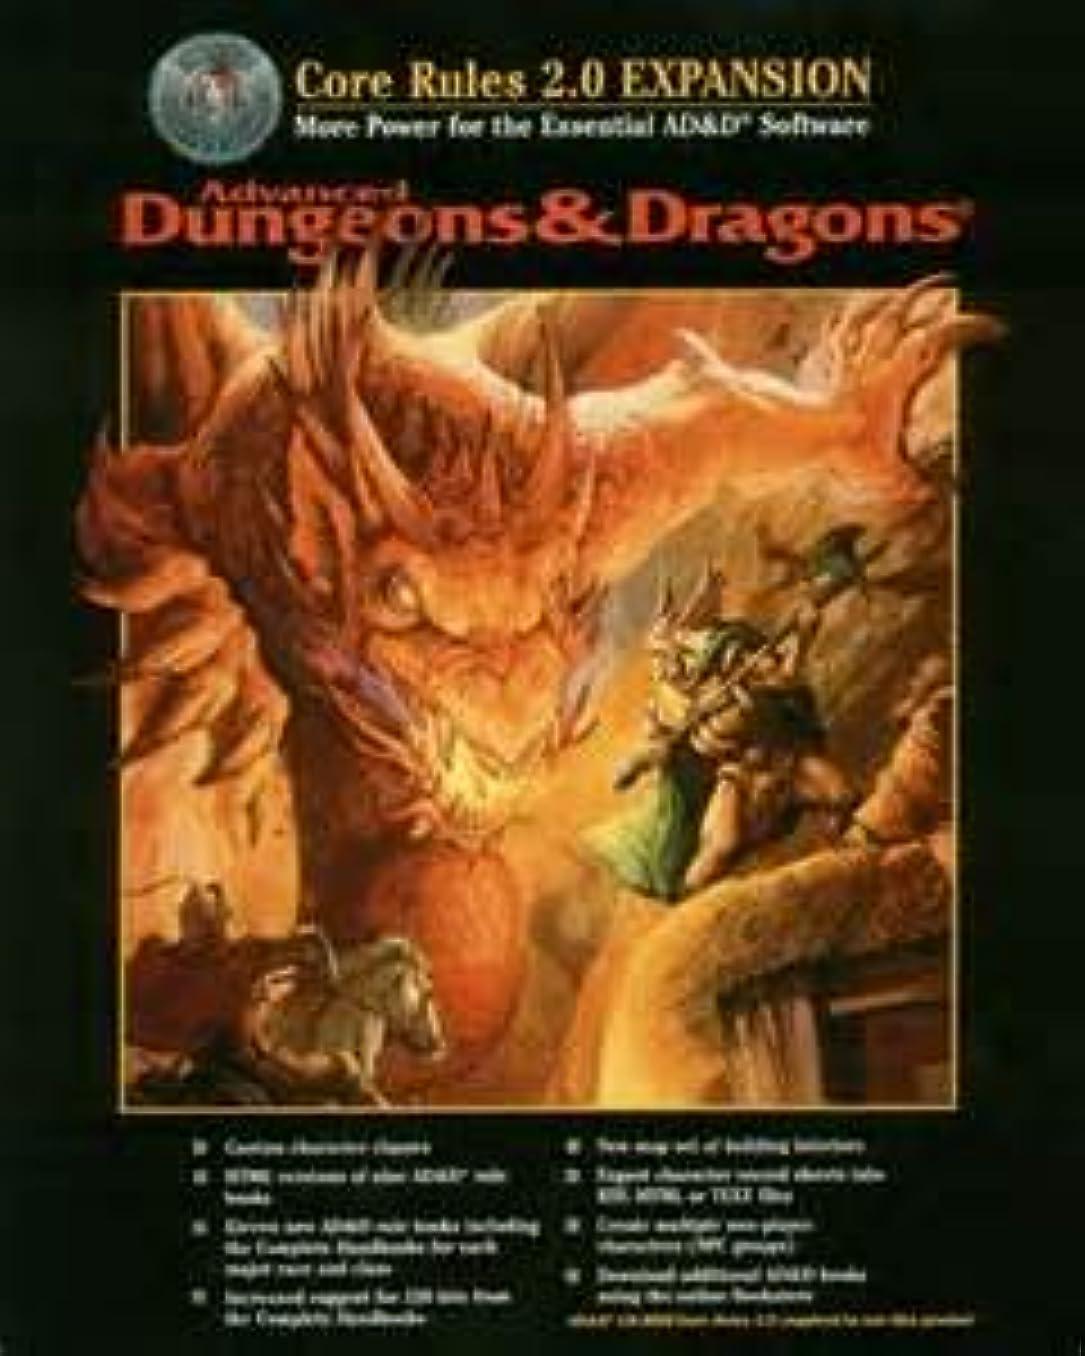 気配りのある調停する知人Advanced Dungeons & Dragons Core Rules 2.0 Expansion (輸入版)